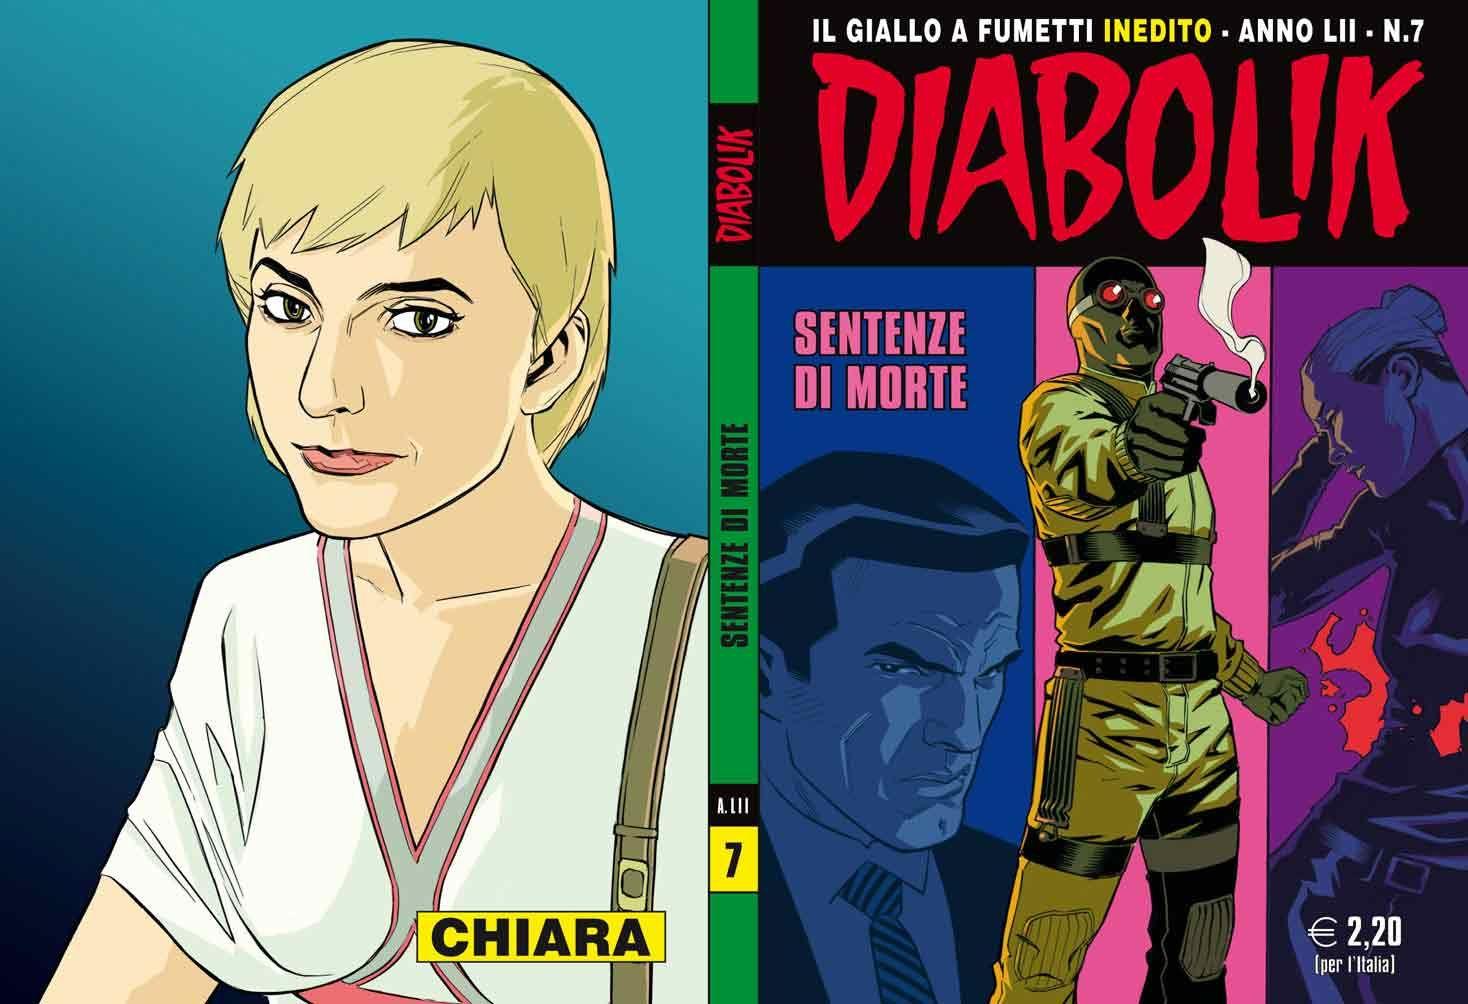 Alan ford gruppo t n t ubc enciclopedia online del fumetto - Fumetti Astorina Srl Collana Diabolik Anno 52 Fumetto Italiano Pinterest